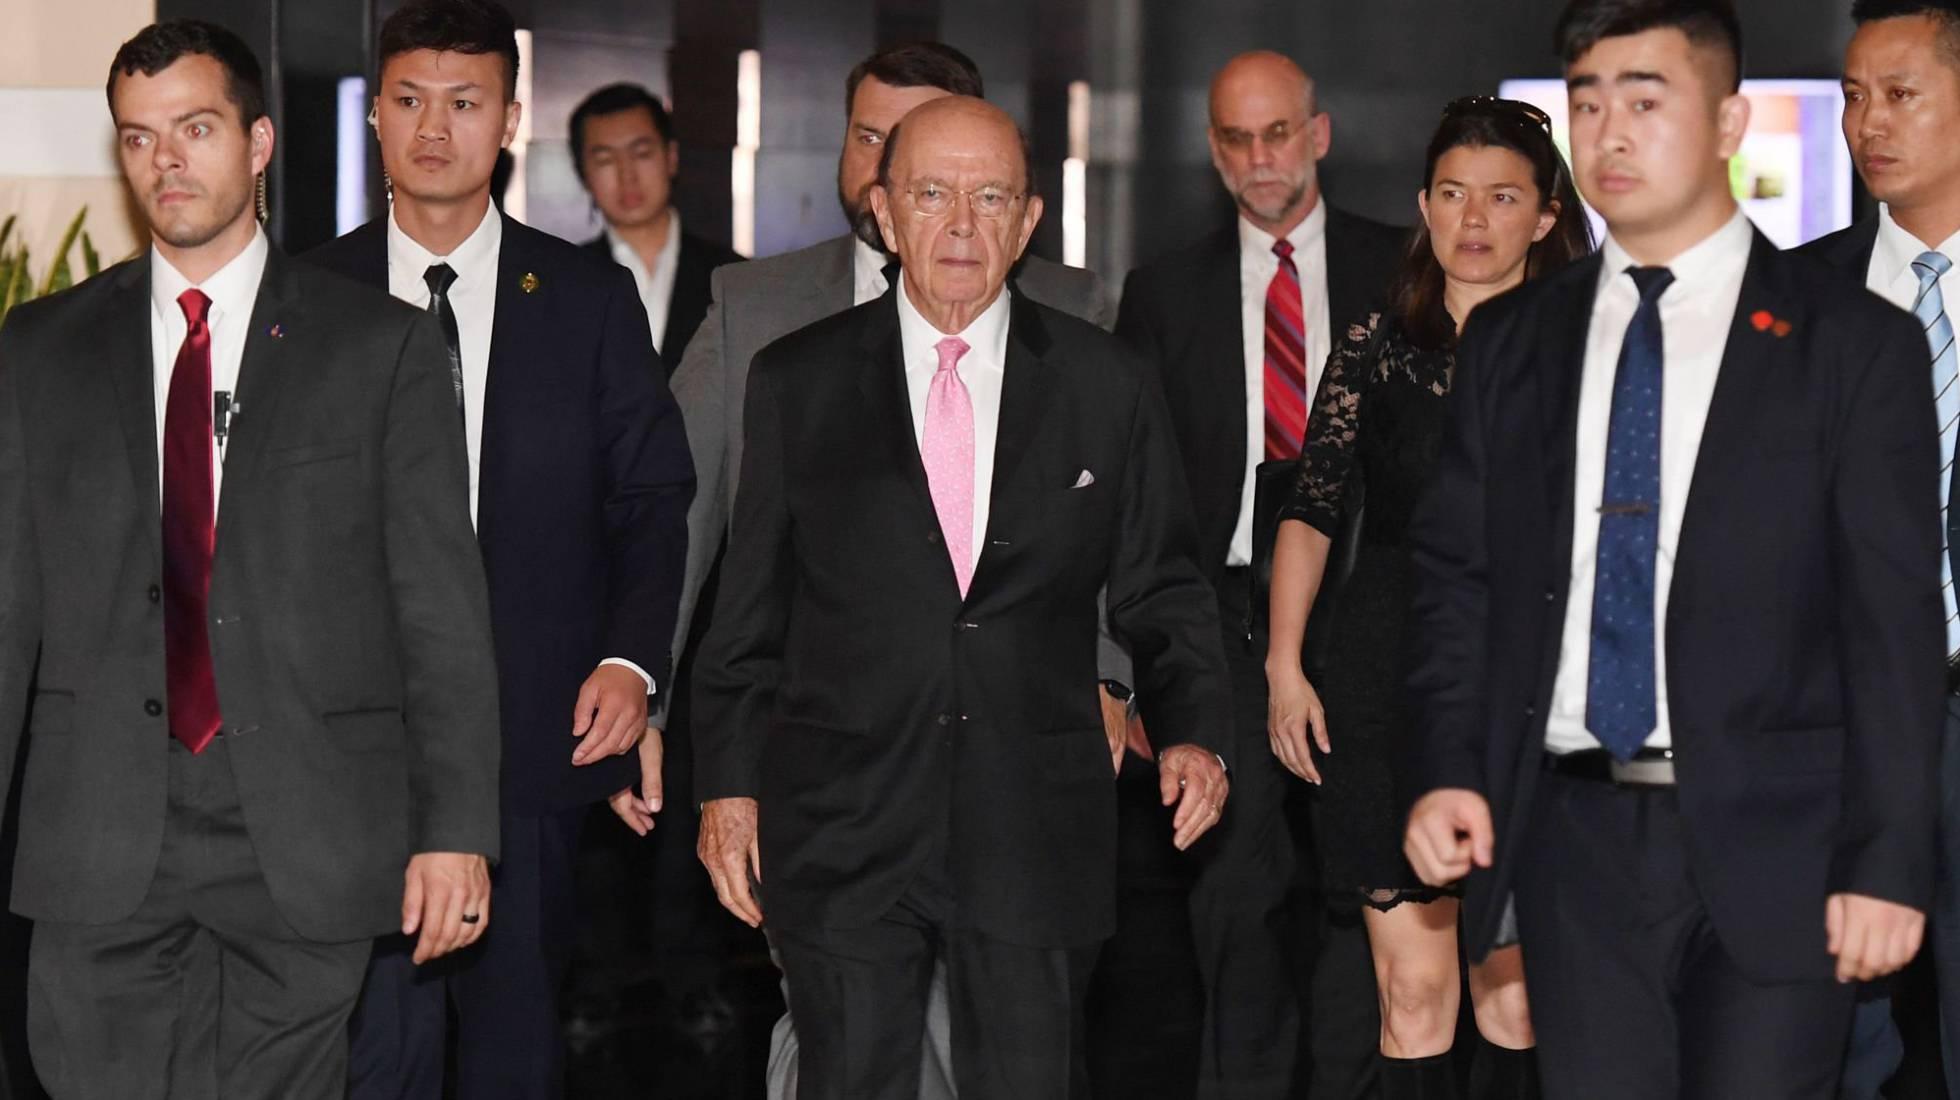 EE UU llega a un acuerdo con el fabricante de móviles chino ZTE